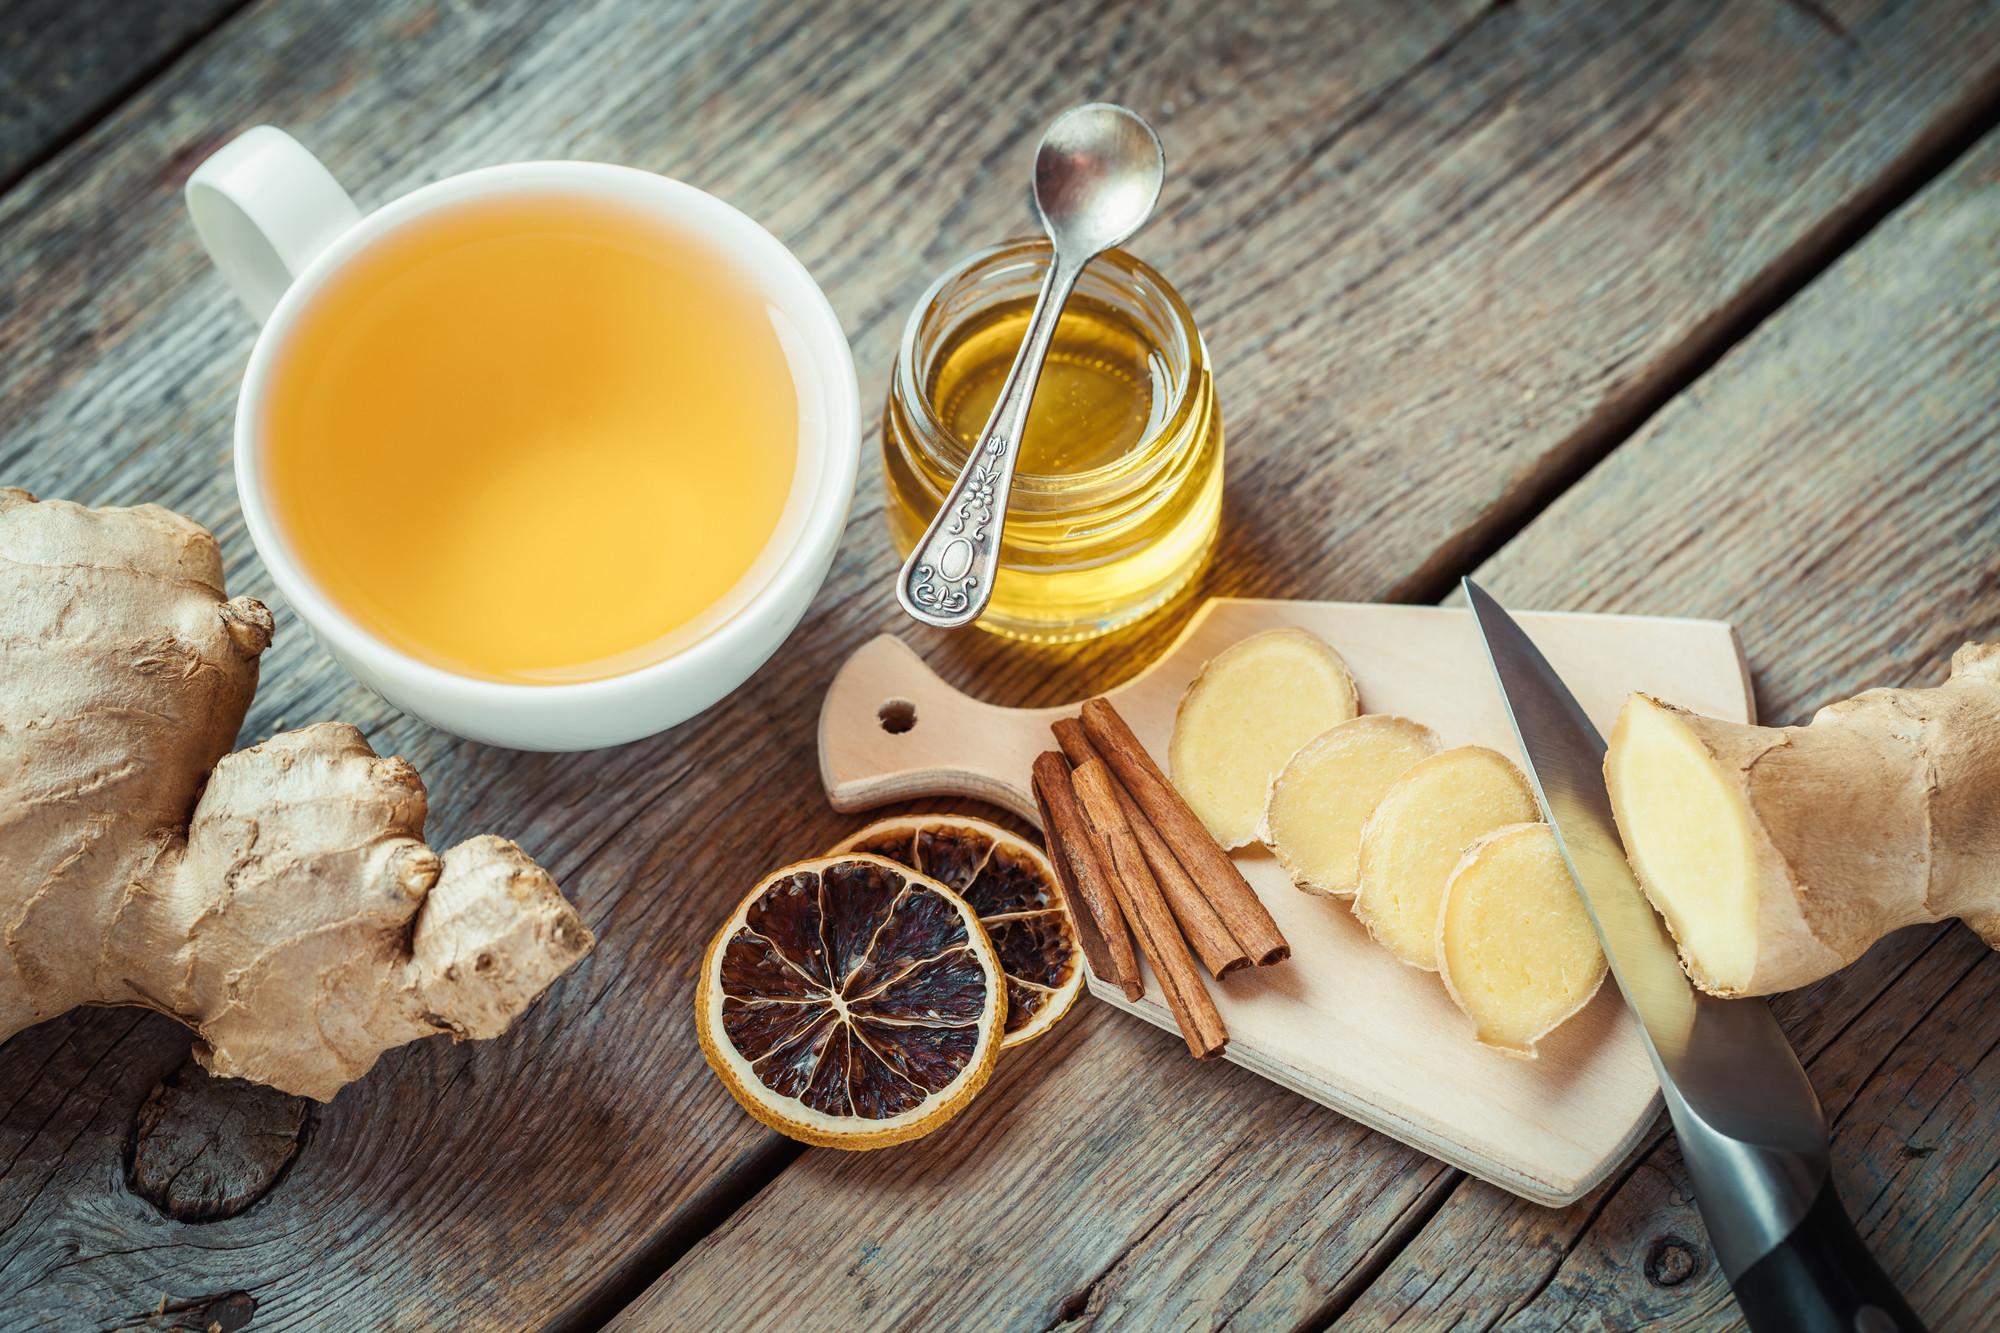 gingembre coupé en rondelle, pot de miel, tasse de thé sur une table de cuisine, vue du haut